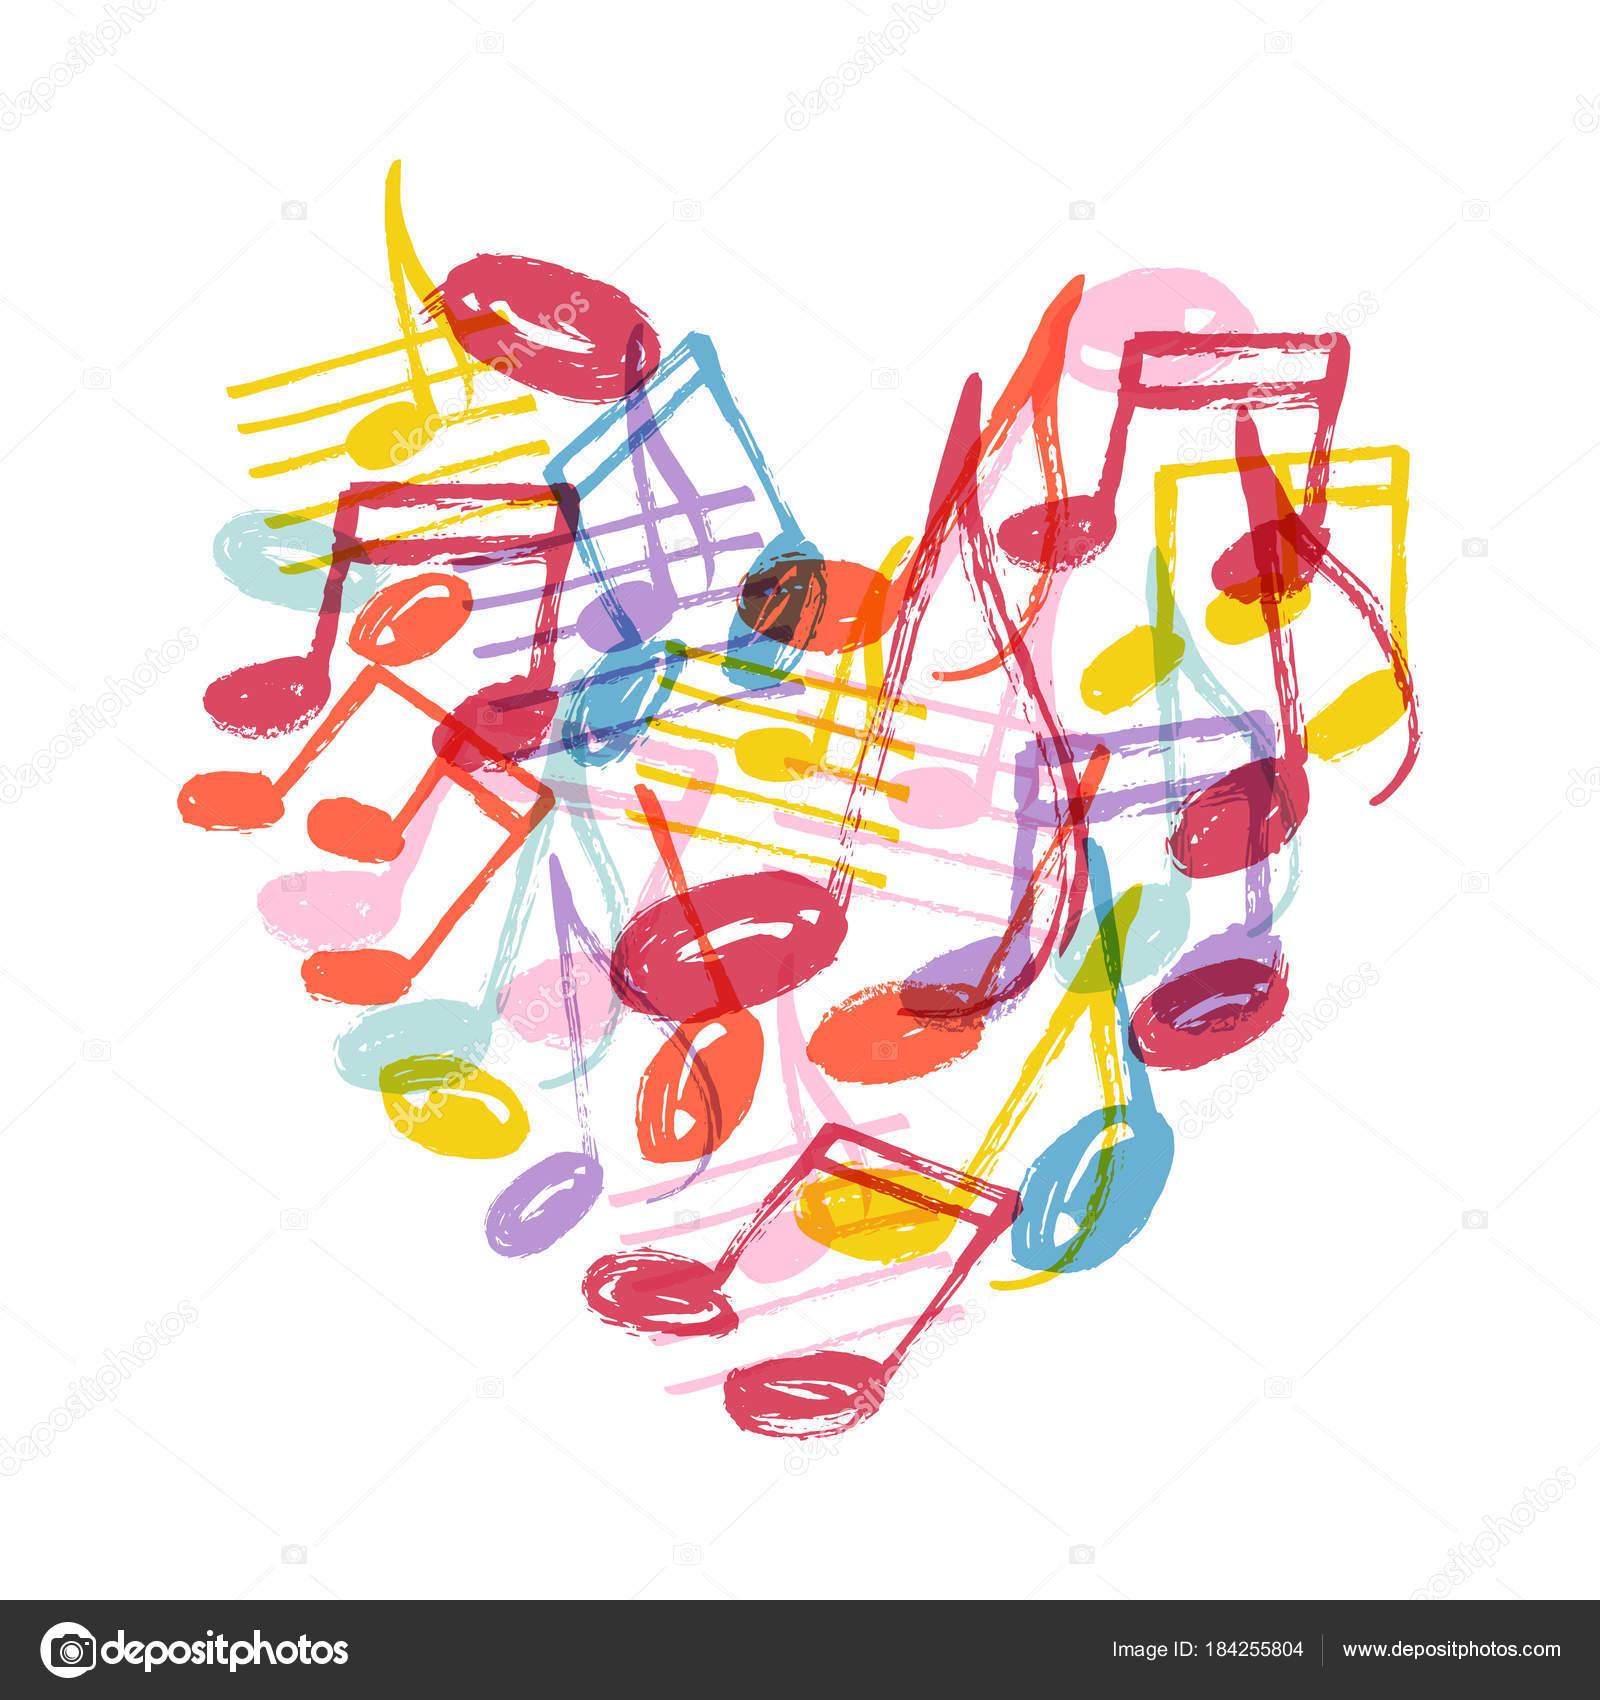 Imágenes Notas Musicales En Forma De Corazon Patrón Vector Con